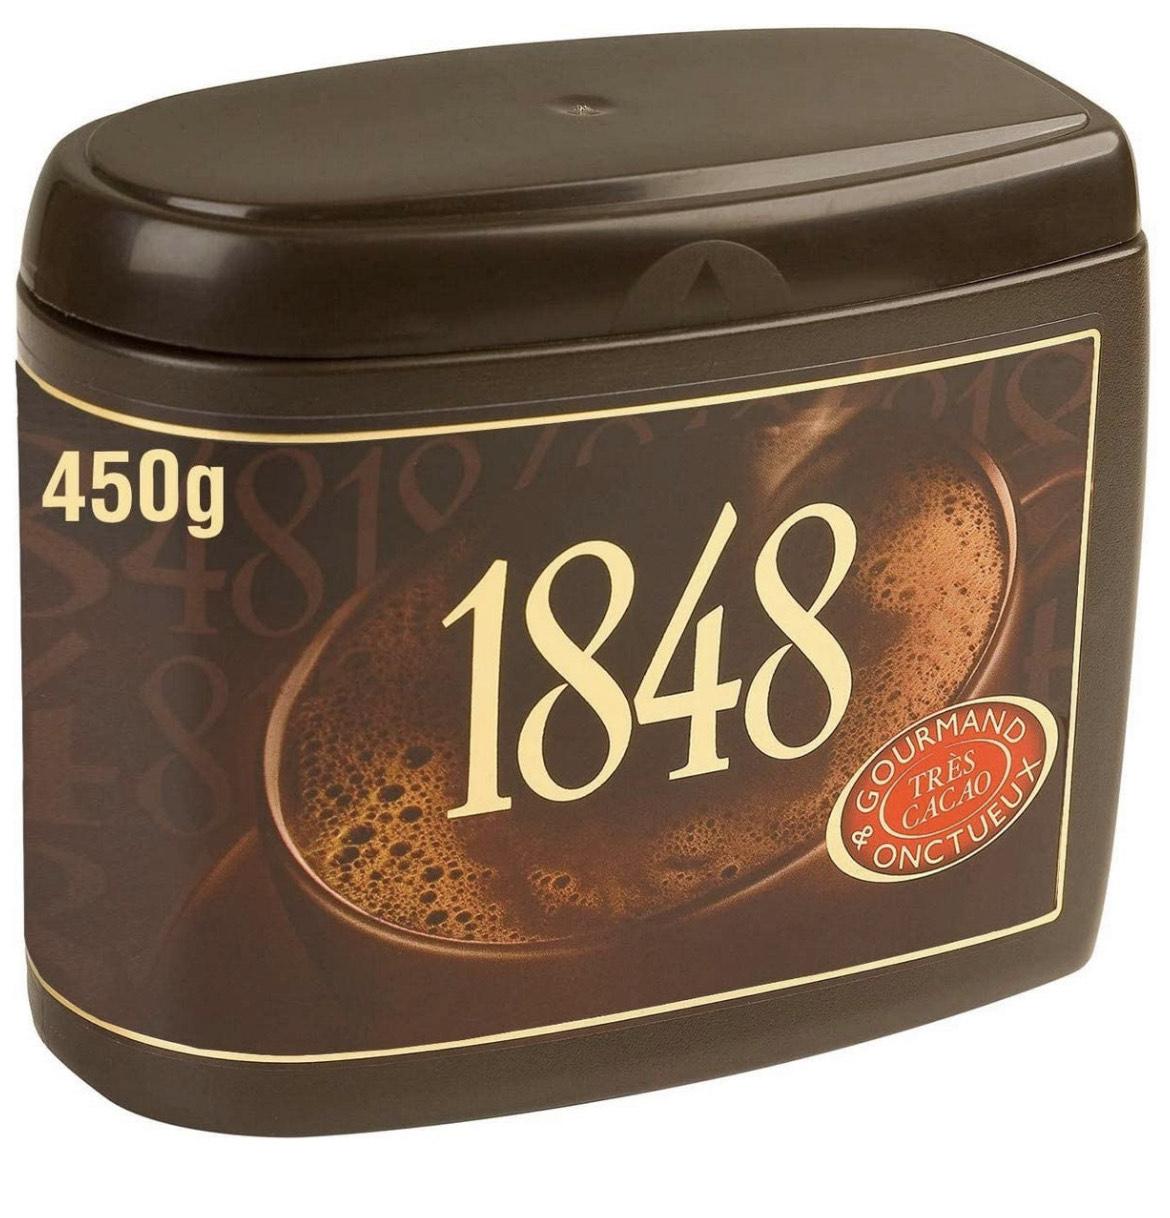 Lot de 3 boites de chocolat en poudre Poulain 1848 - 3 x 450g